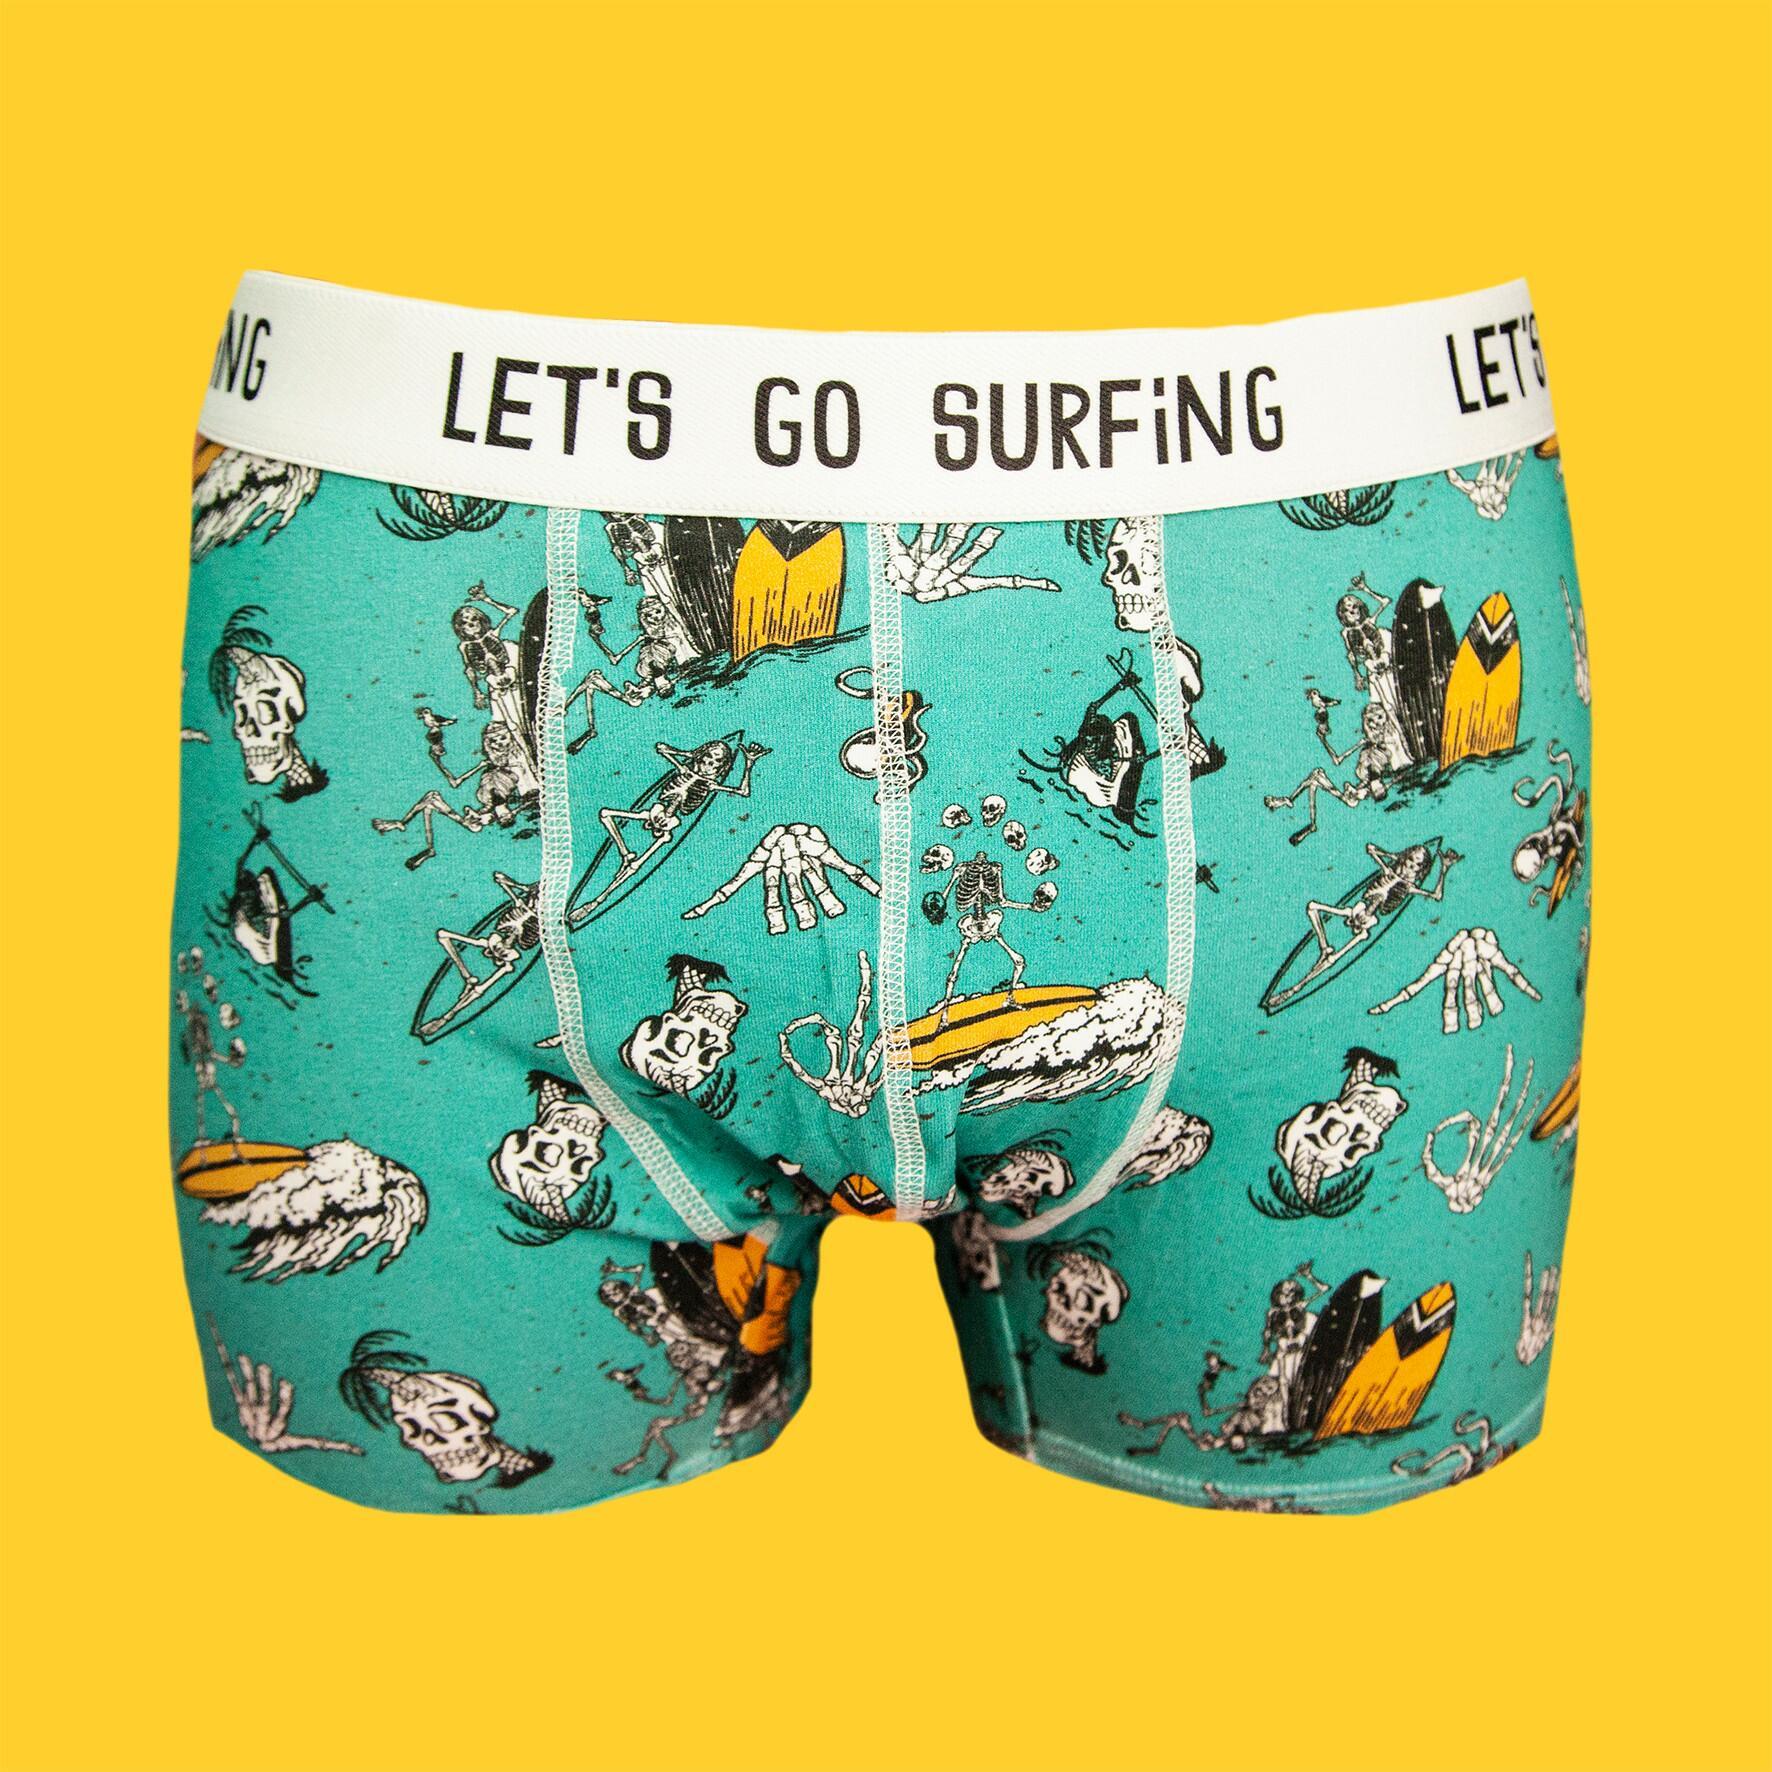 Let's go surfing - Bokserki bawełniane męskie - czachy - Majtki z Sosnowca by After Panty | JestemSlow.pl